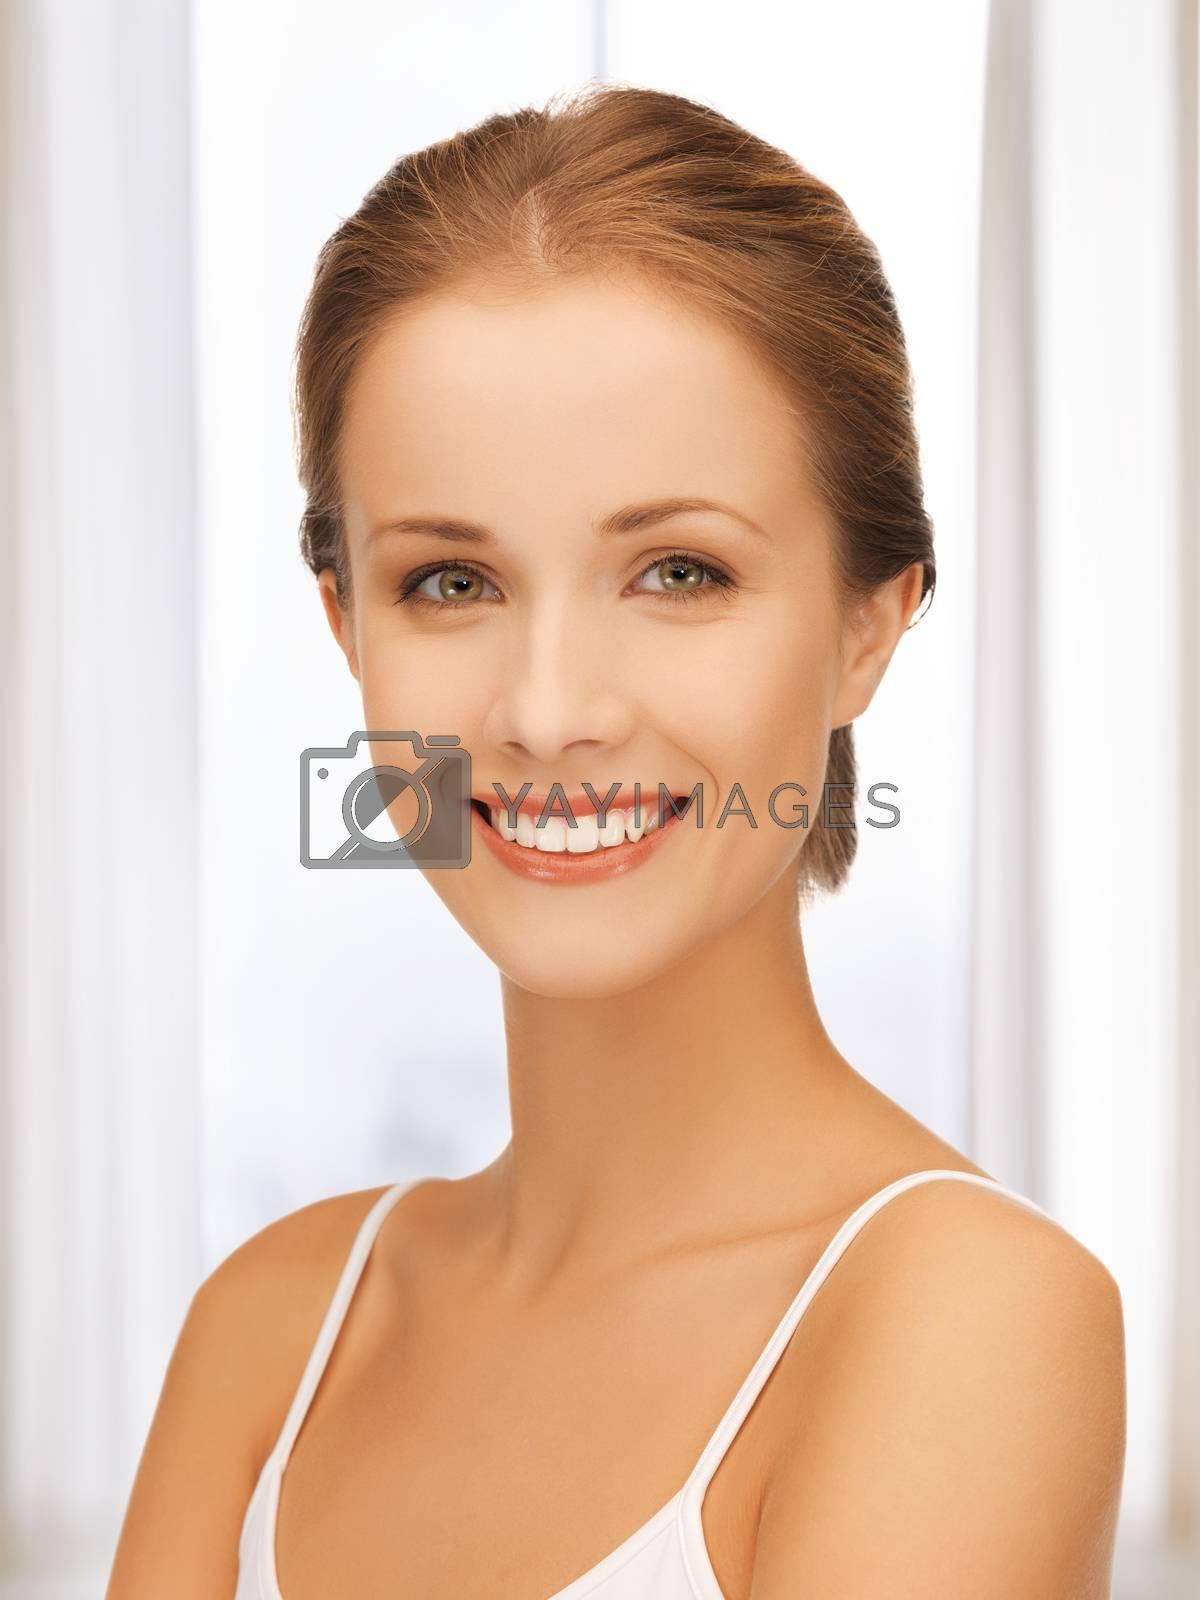 beautiful woman by dolgachov